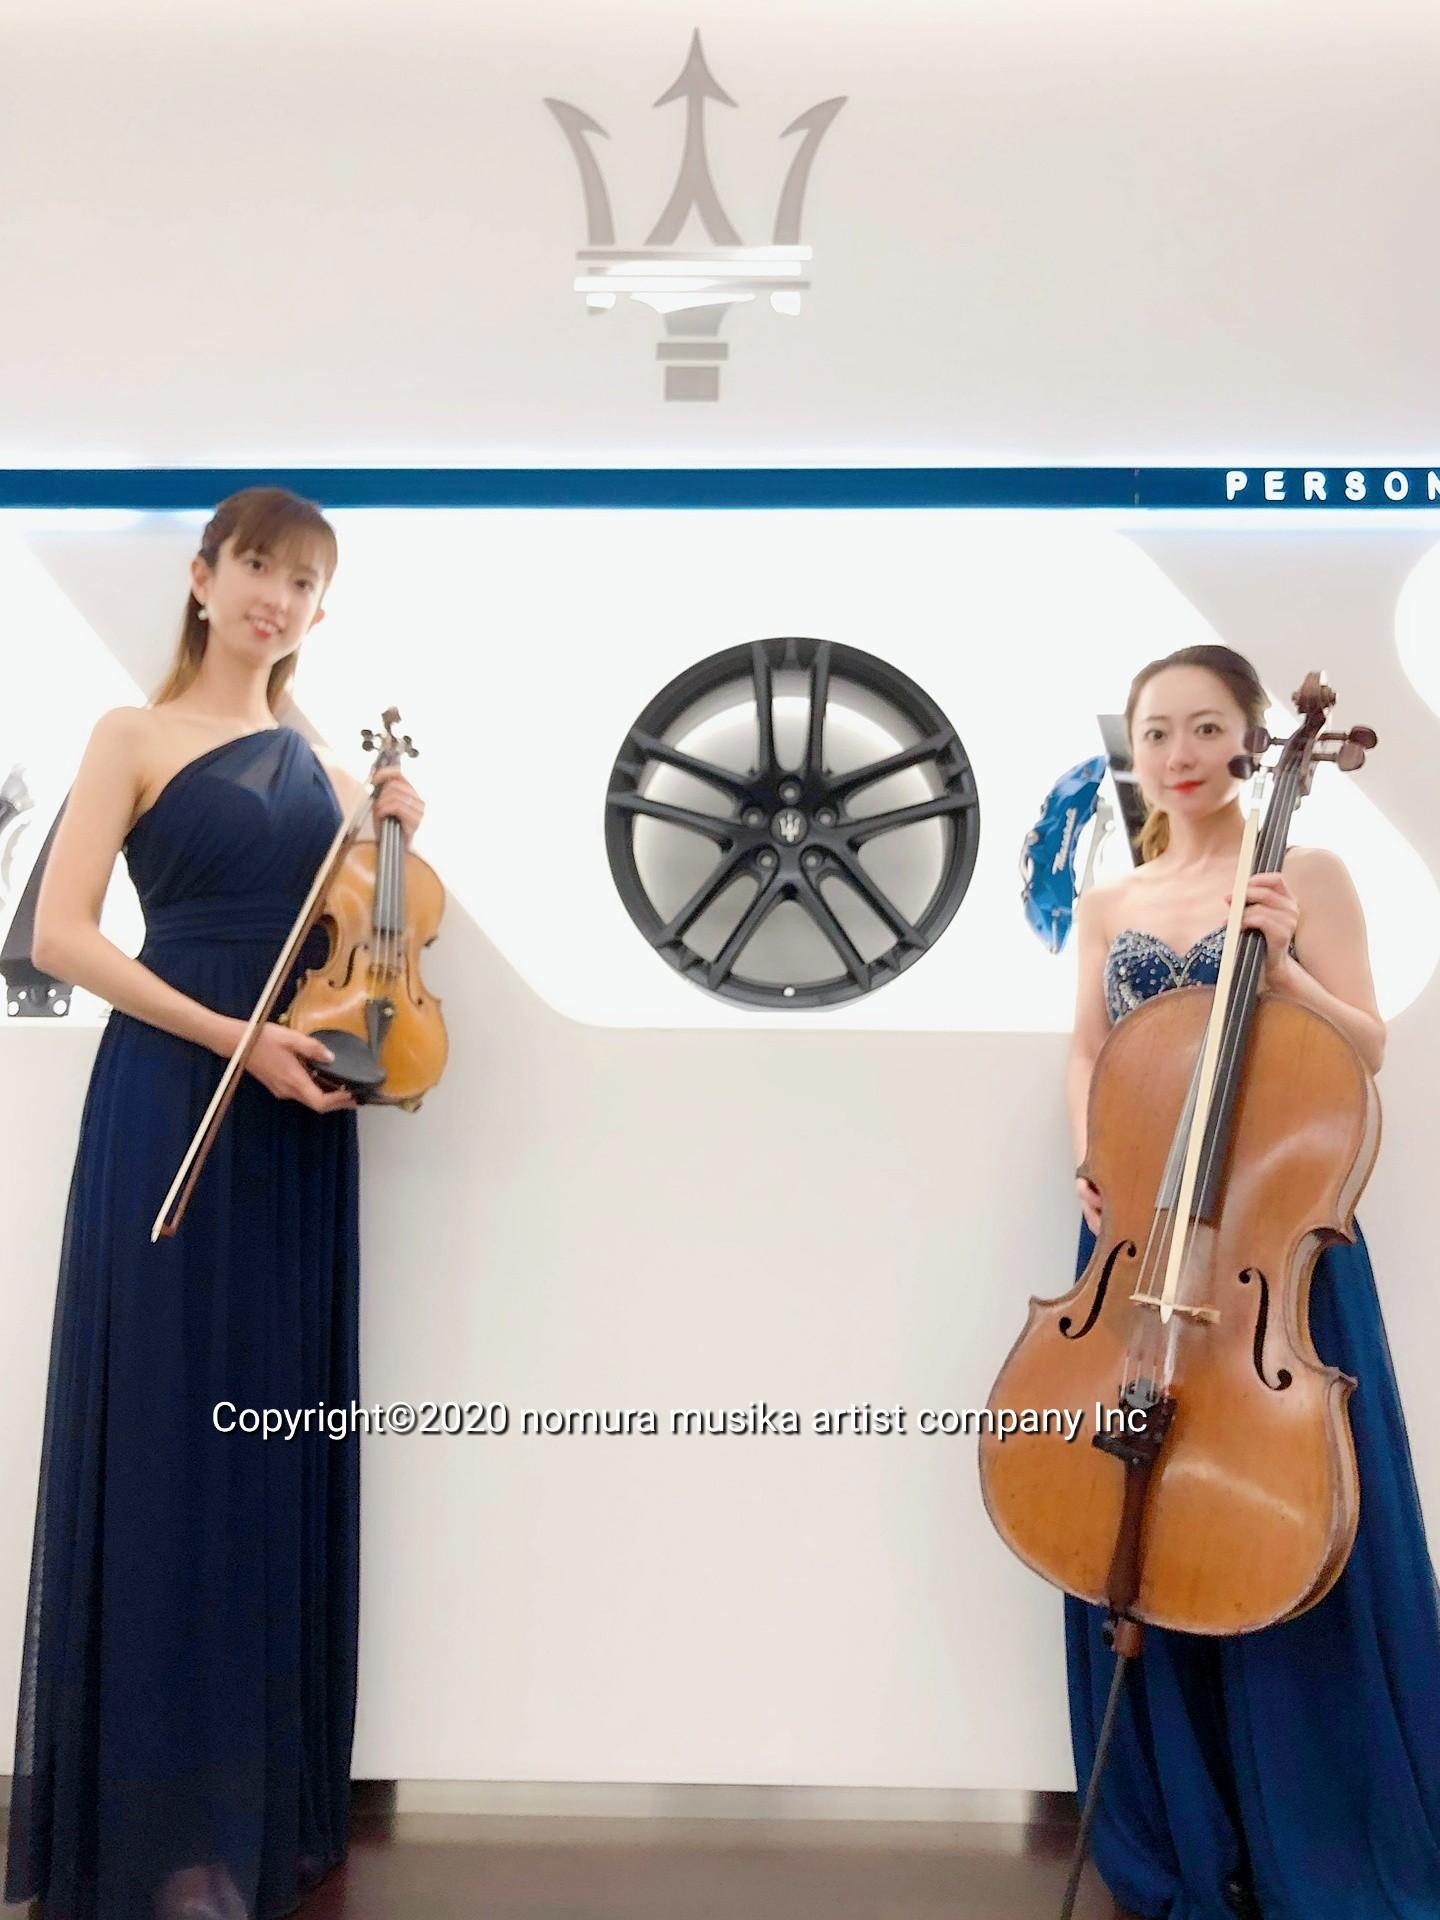 高級外車ロゴの前でヴァイオリニストとチェリストが楽器をもっている